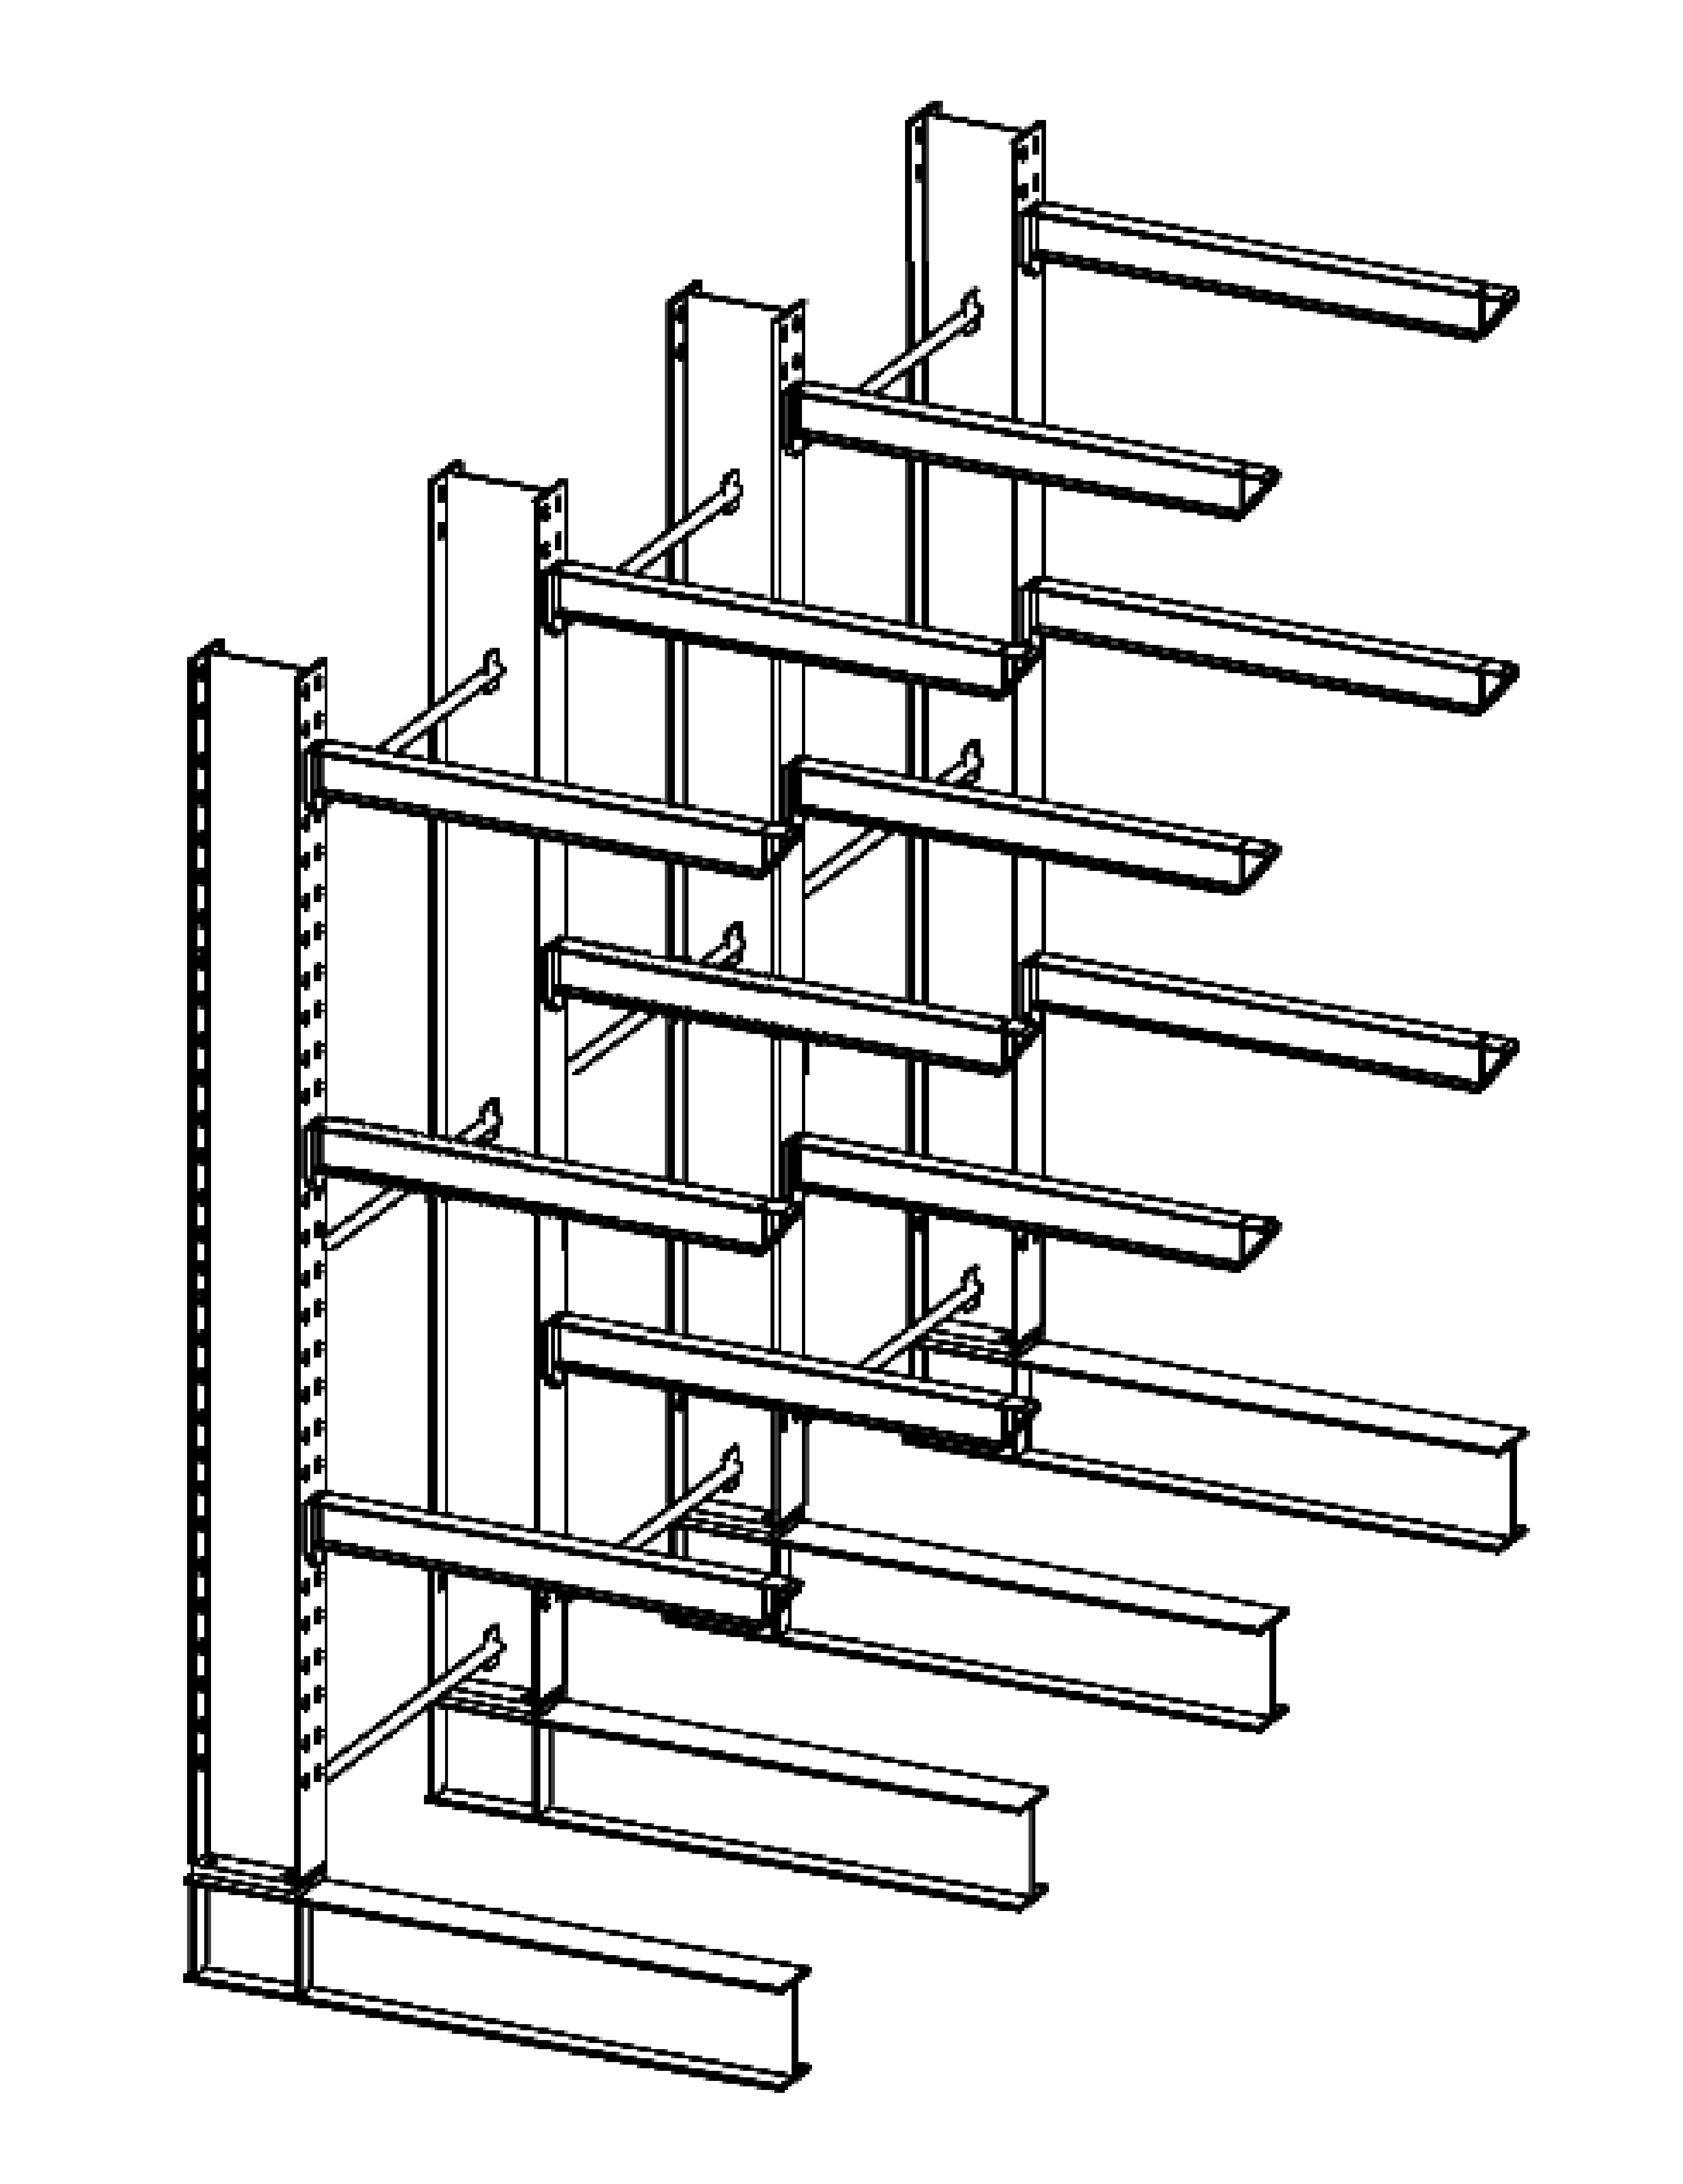 Enkelzijdige zware draagarmstelling 4,5 m hoog voor binnen met 4 niveaus van 1.200 mm diep en een draagvermogen van 1075 kg per arm.